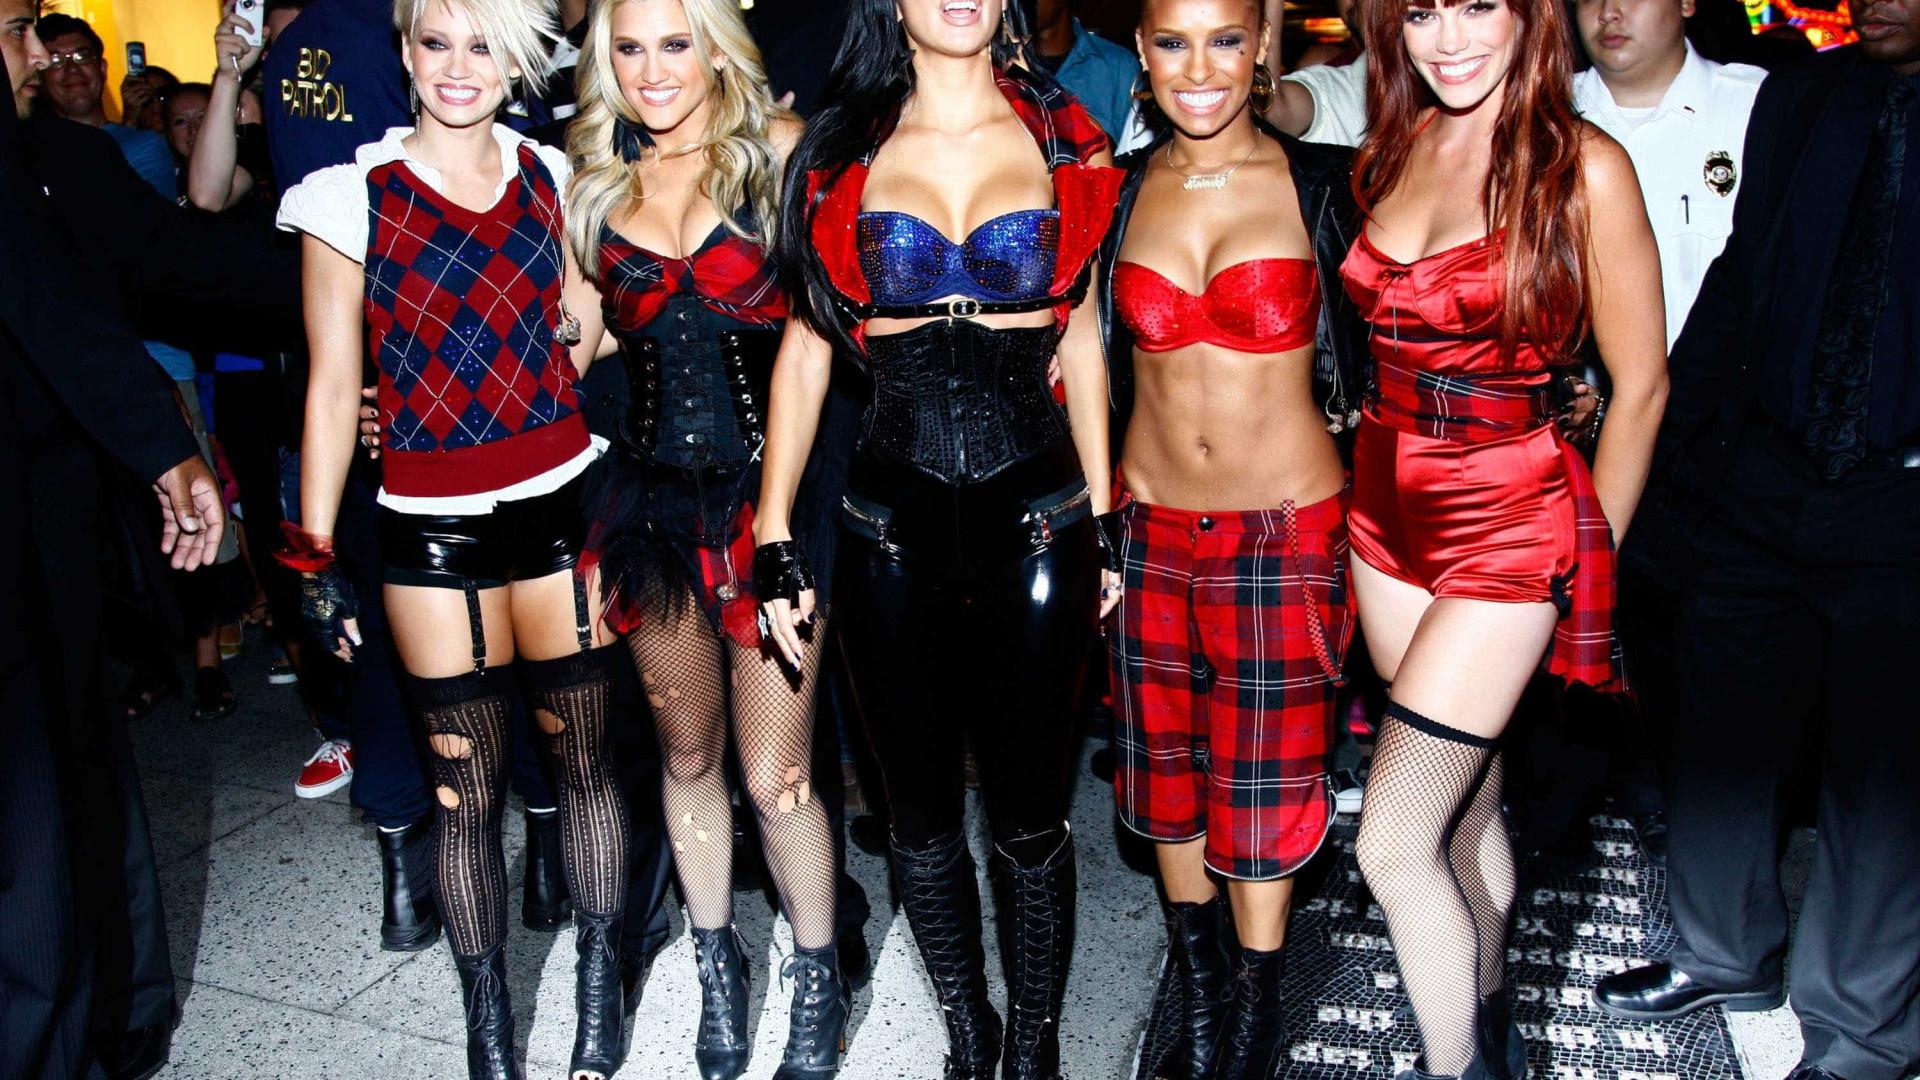 Ex-integrante diz que Pussycat Dolls era 'círculo de prostituição'